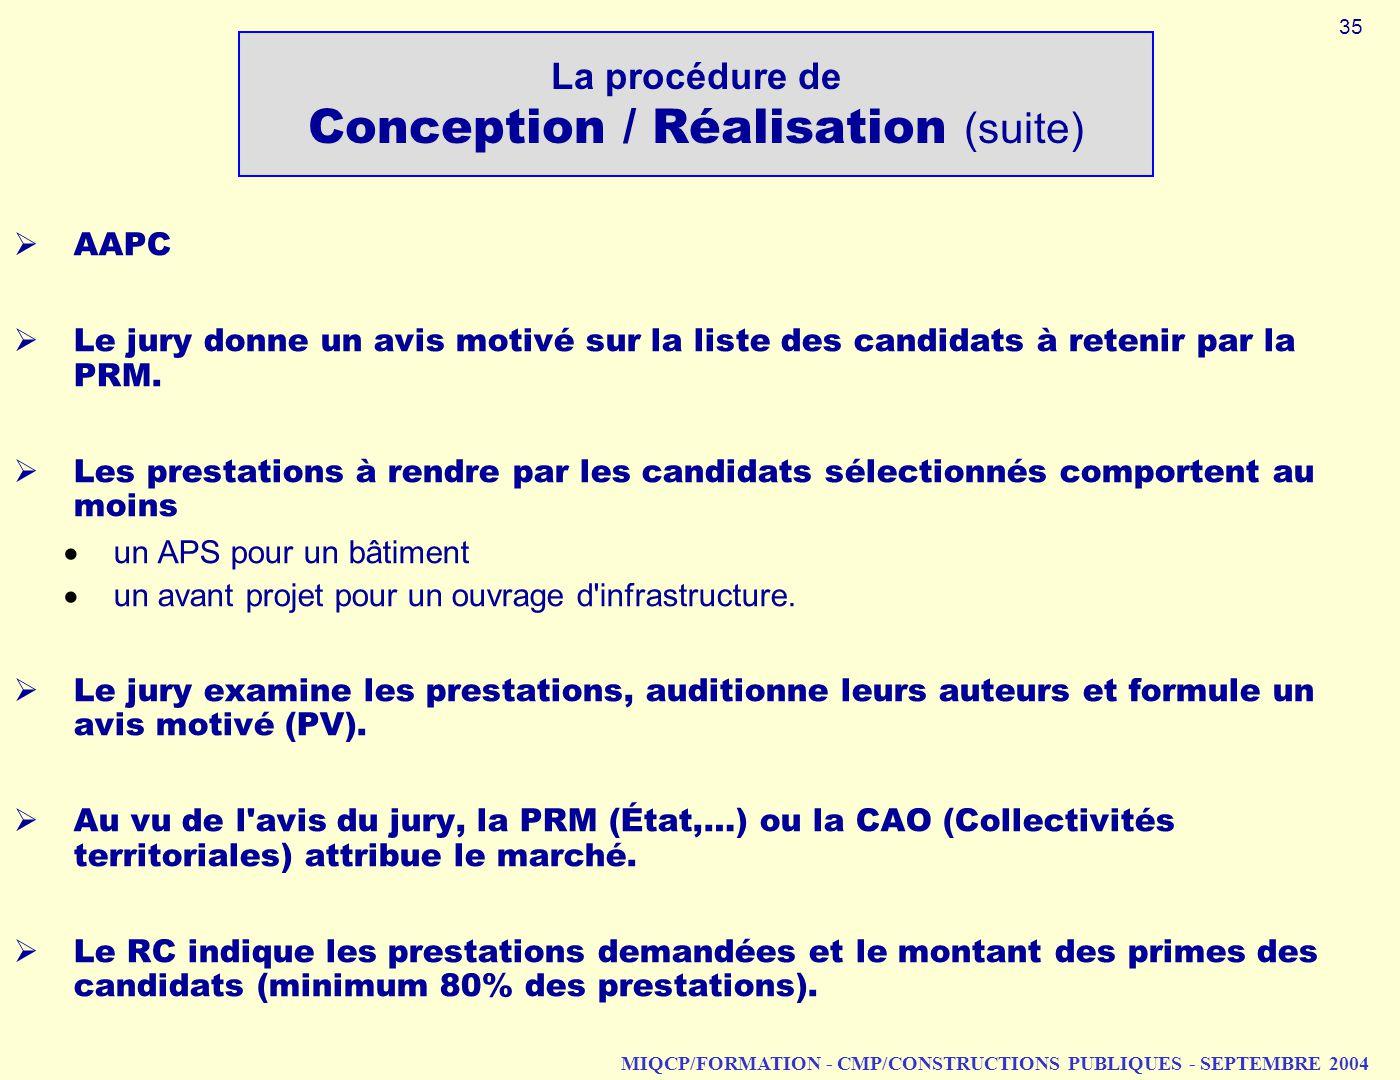 MIQCP/FORMATION - CMP/CONSTRUCTIONS PUBLIQUES - SEPTEMBRE 2004 AAPC Le jury donne un avis motivé sur la liste des candidats à retenir par la PRM. Les